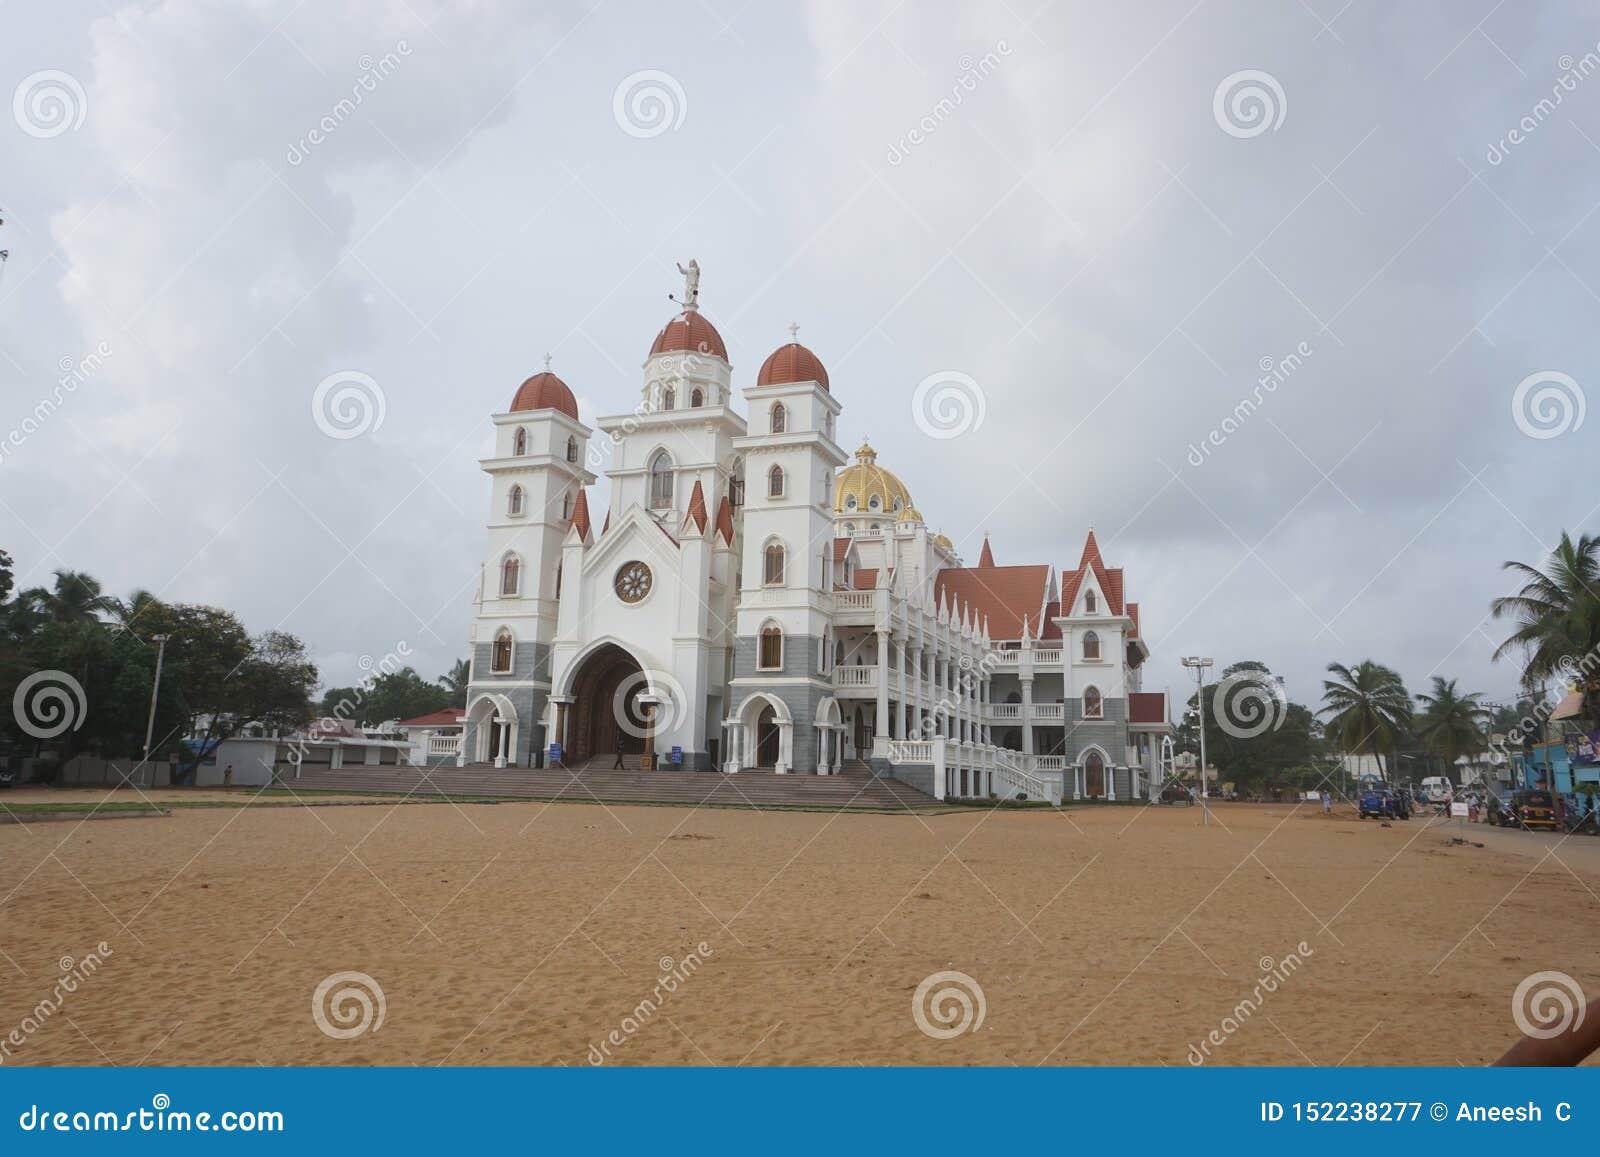 上帝教会,Vettukad的母亲